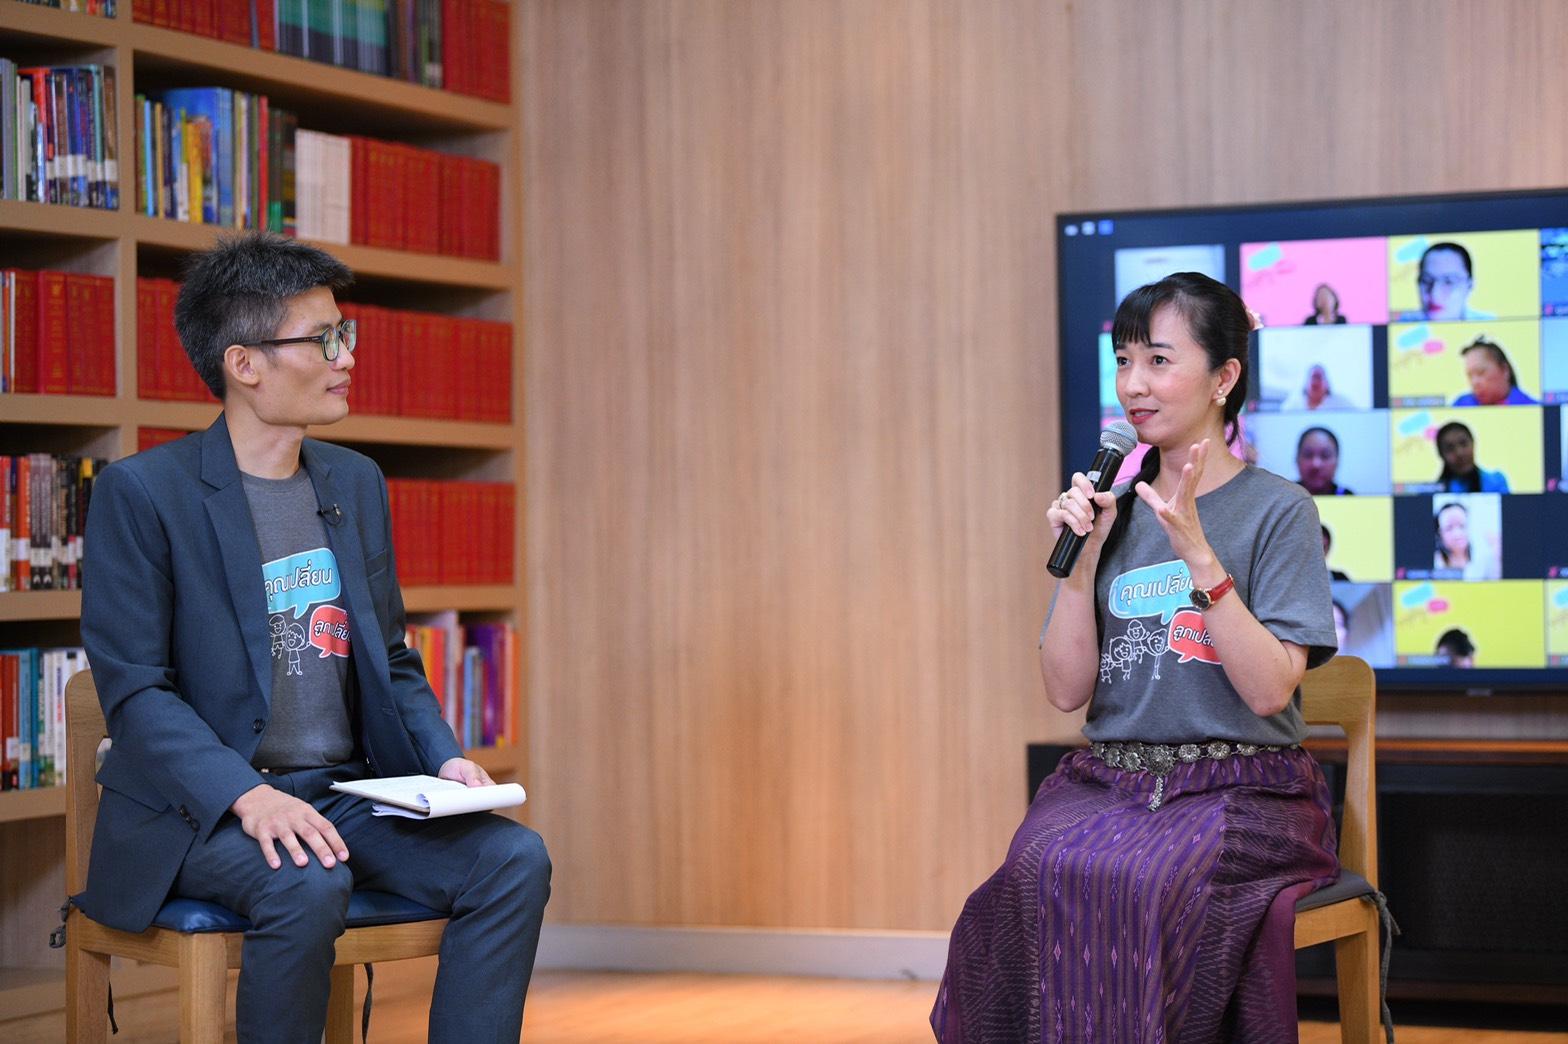 เปิดโครงการคุณเปลี่ยน ลูกเปลี่ยน แก้ปัญหาติดมือถือ thaihealth